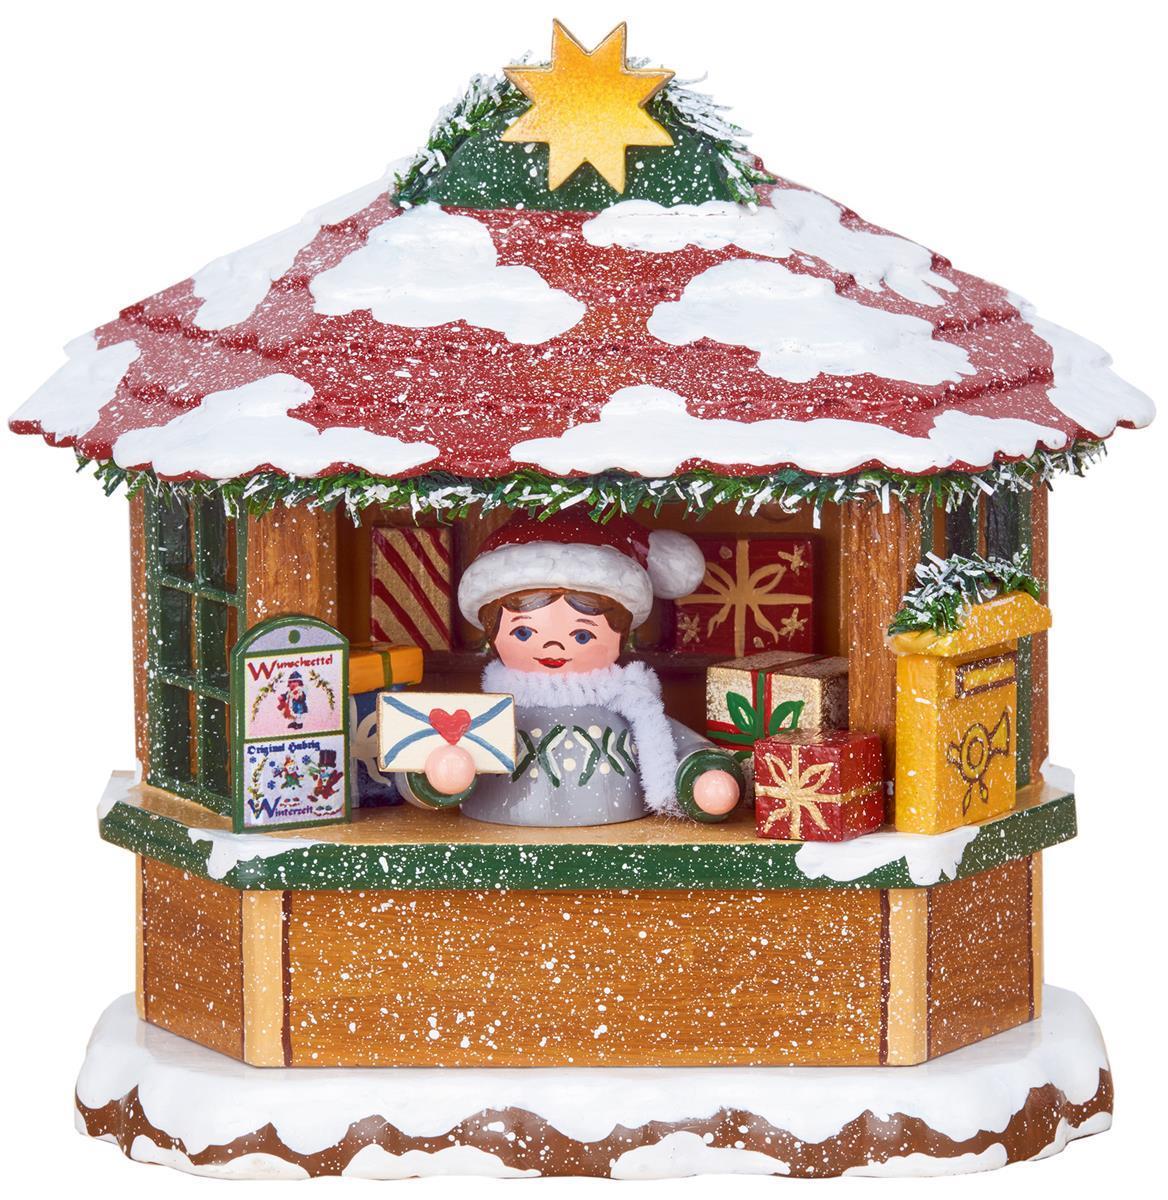 Winterhaus - Weihnachtspostamt